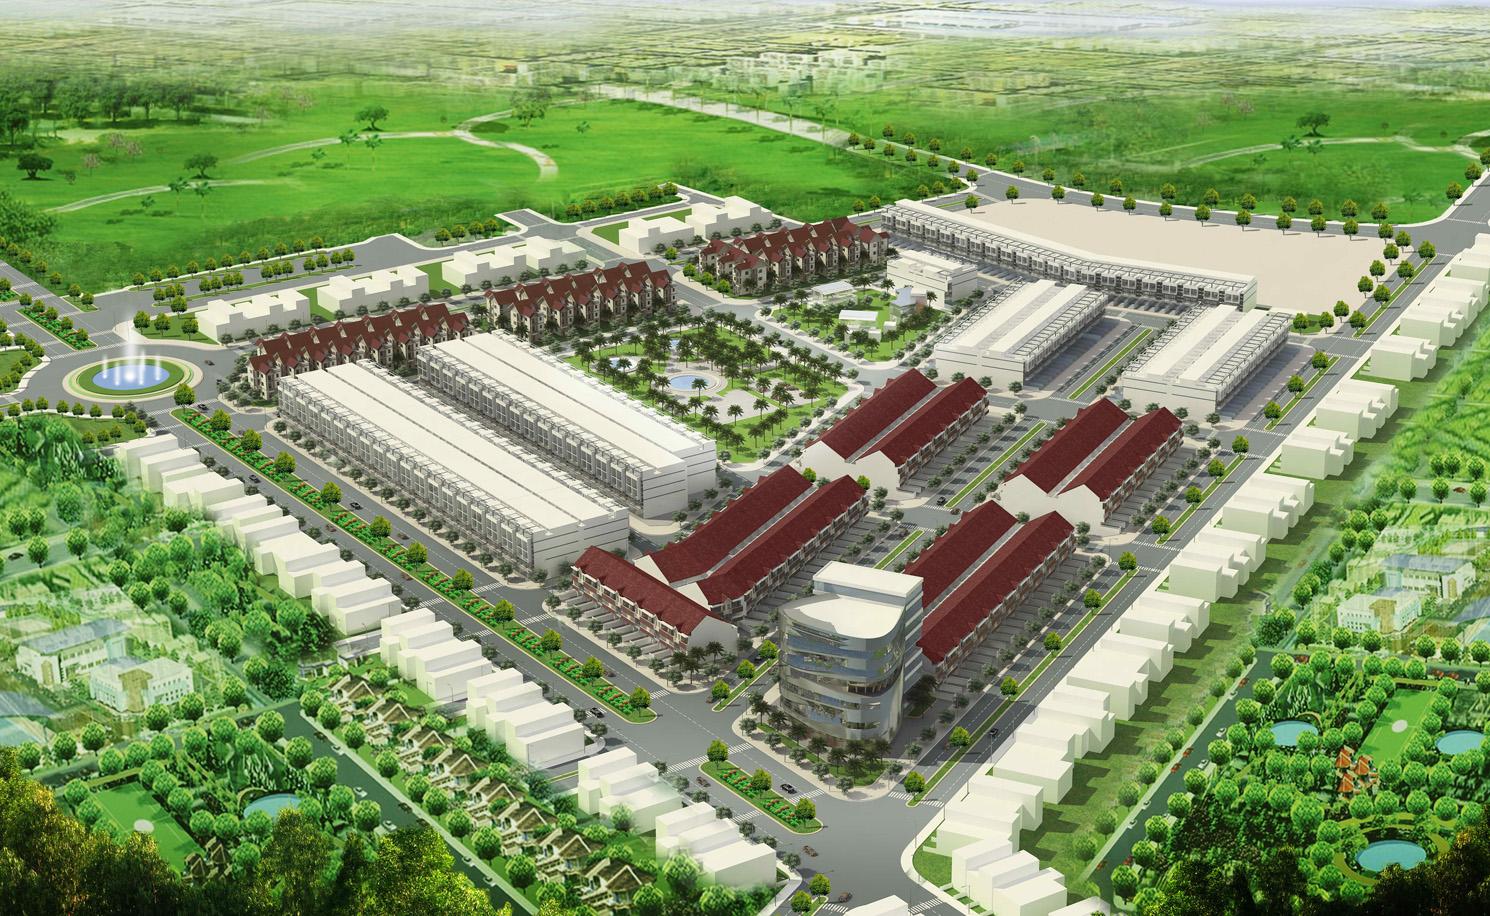 Tiếp tục mở bán dự án Long Hội City với giá 3 triệu đồng/m2